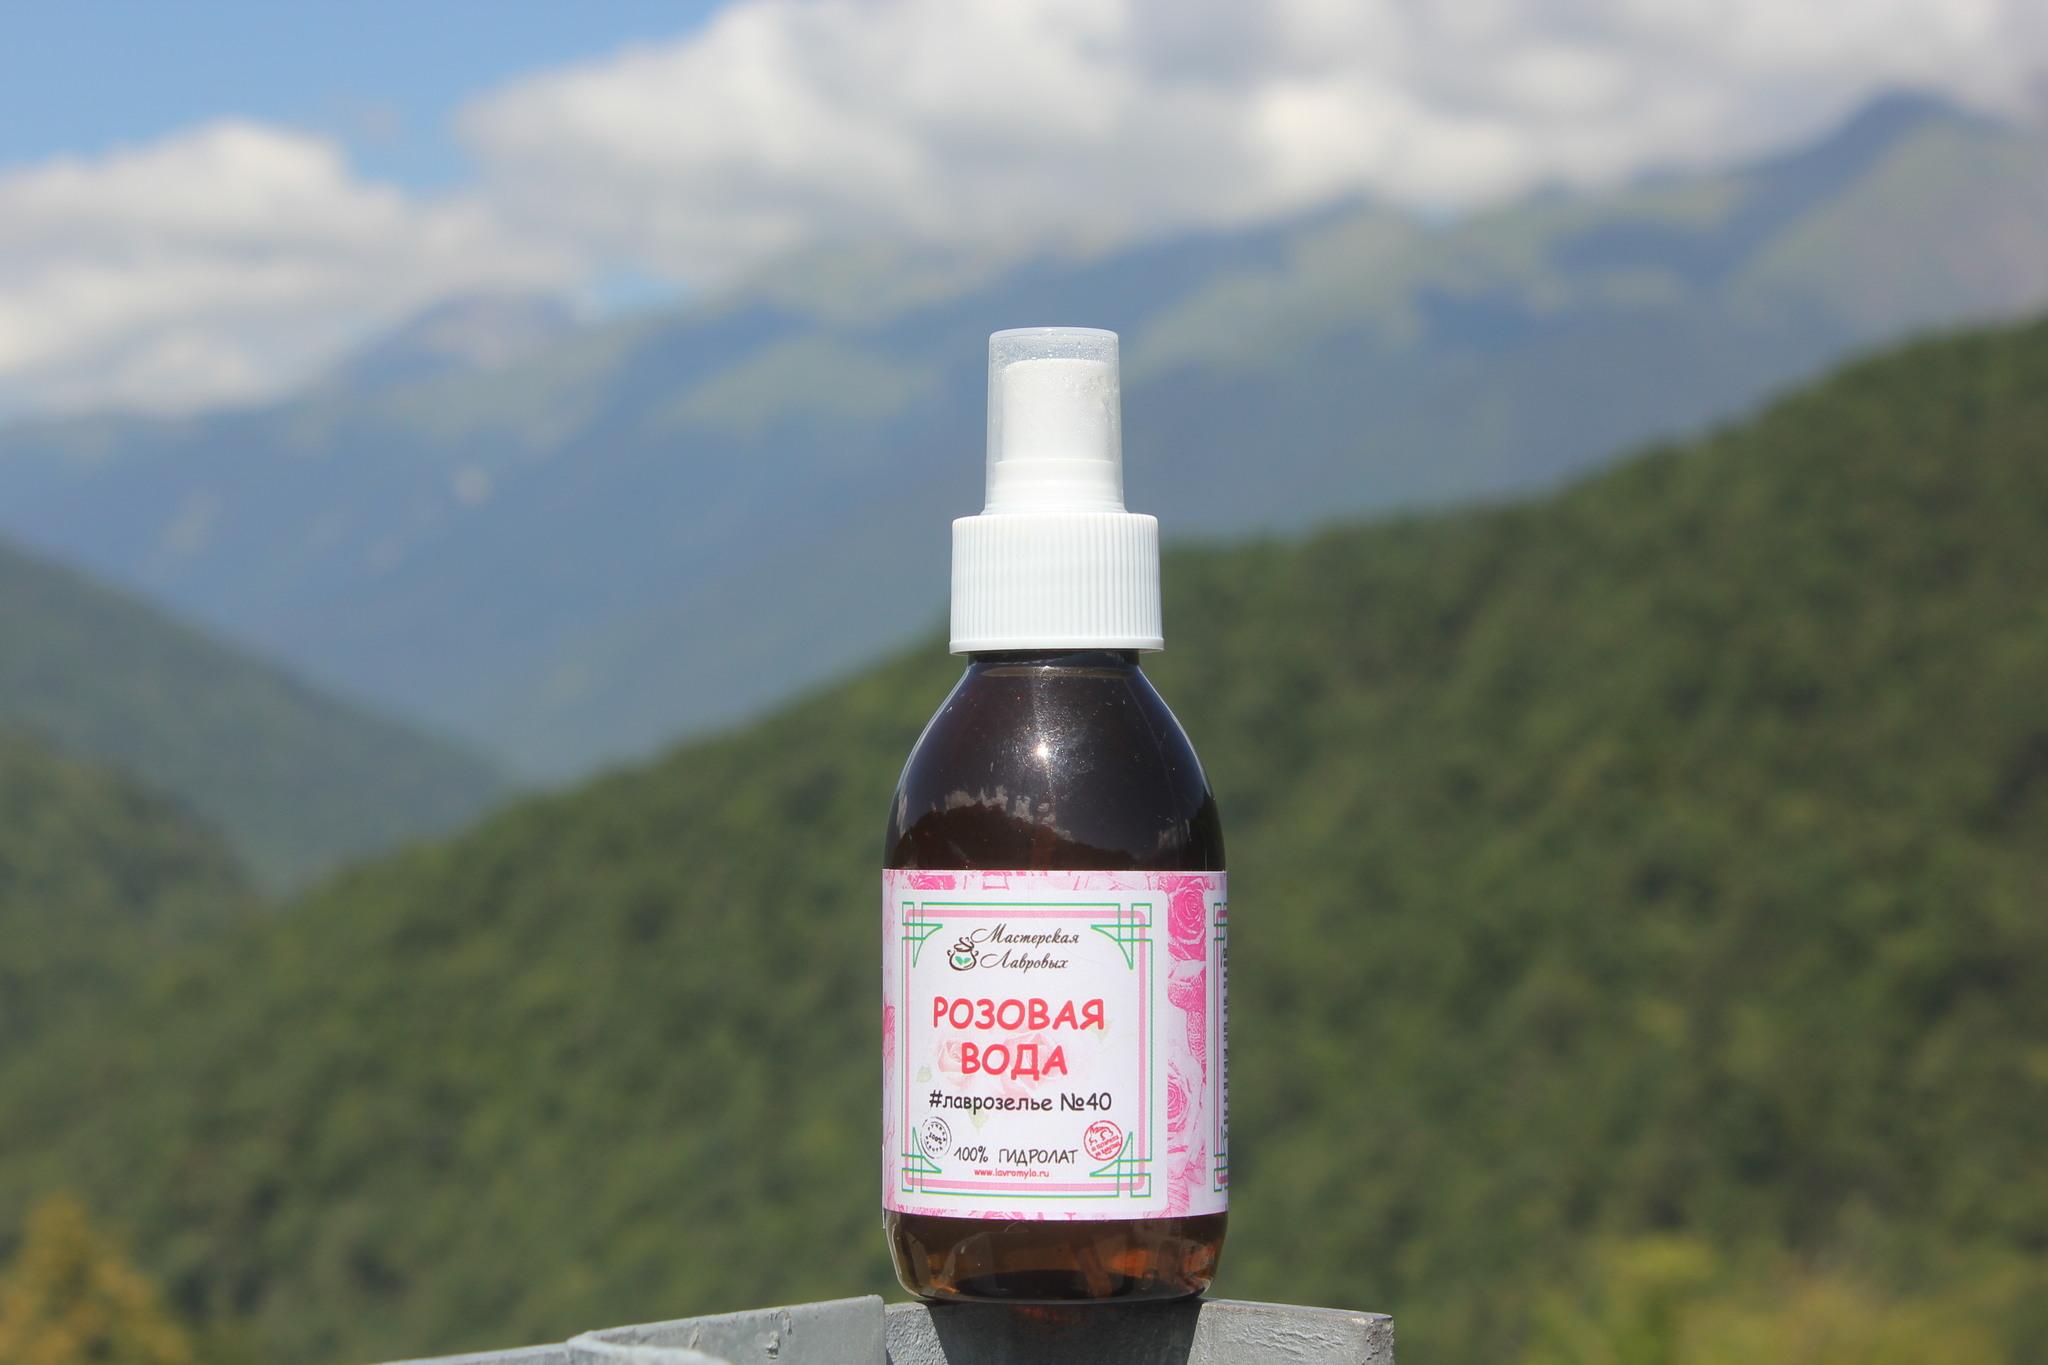 Потенциальный пристрой натуральных средсв по уходу за лицом. Новинки - гидролат ванили, винограда, розы.